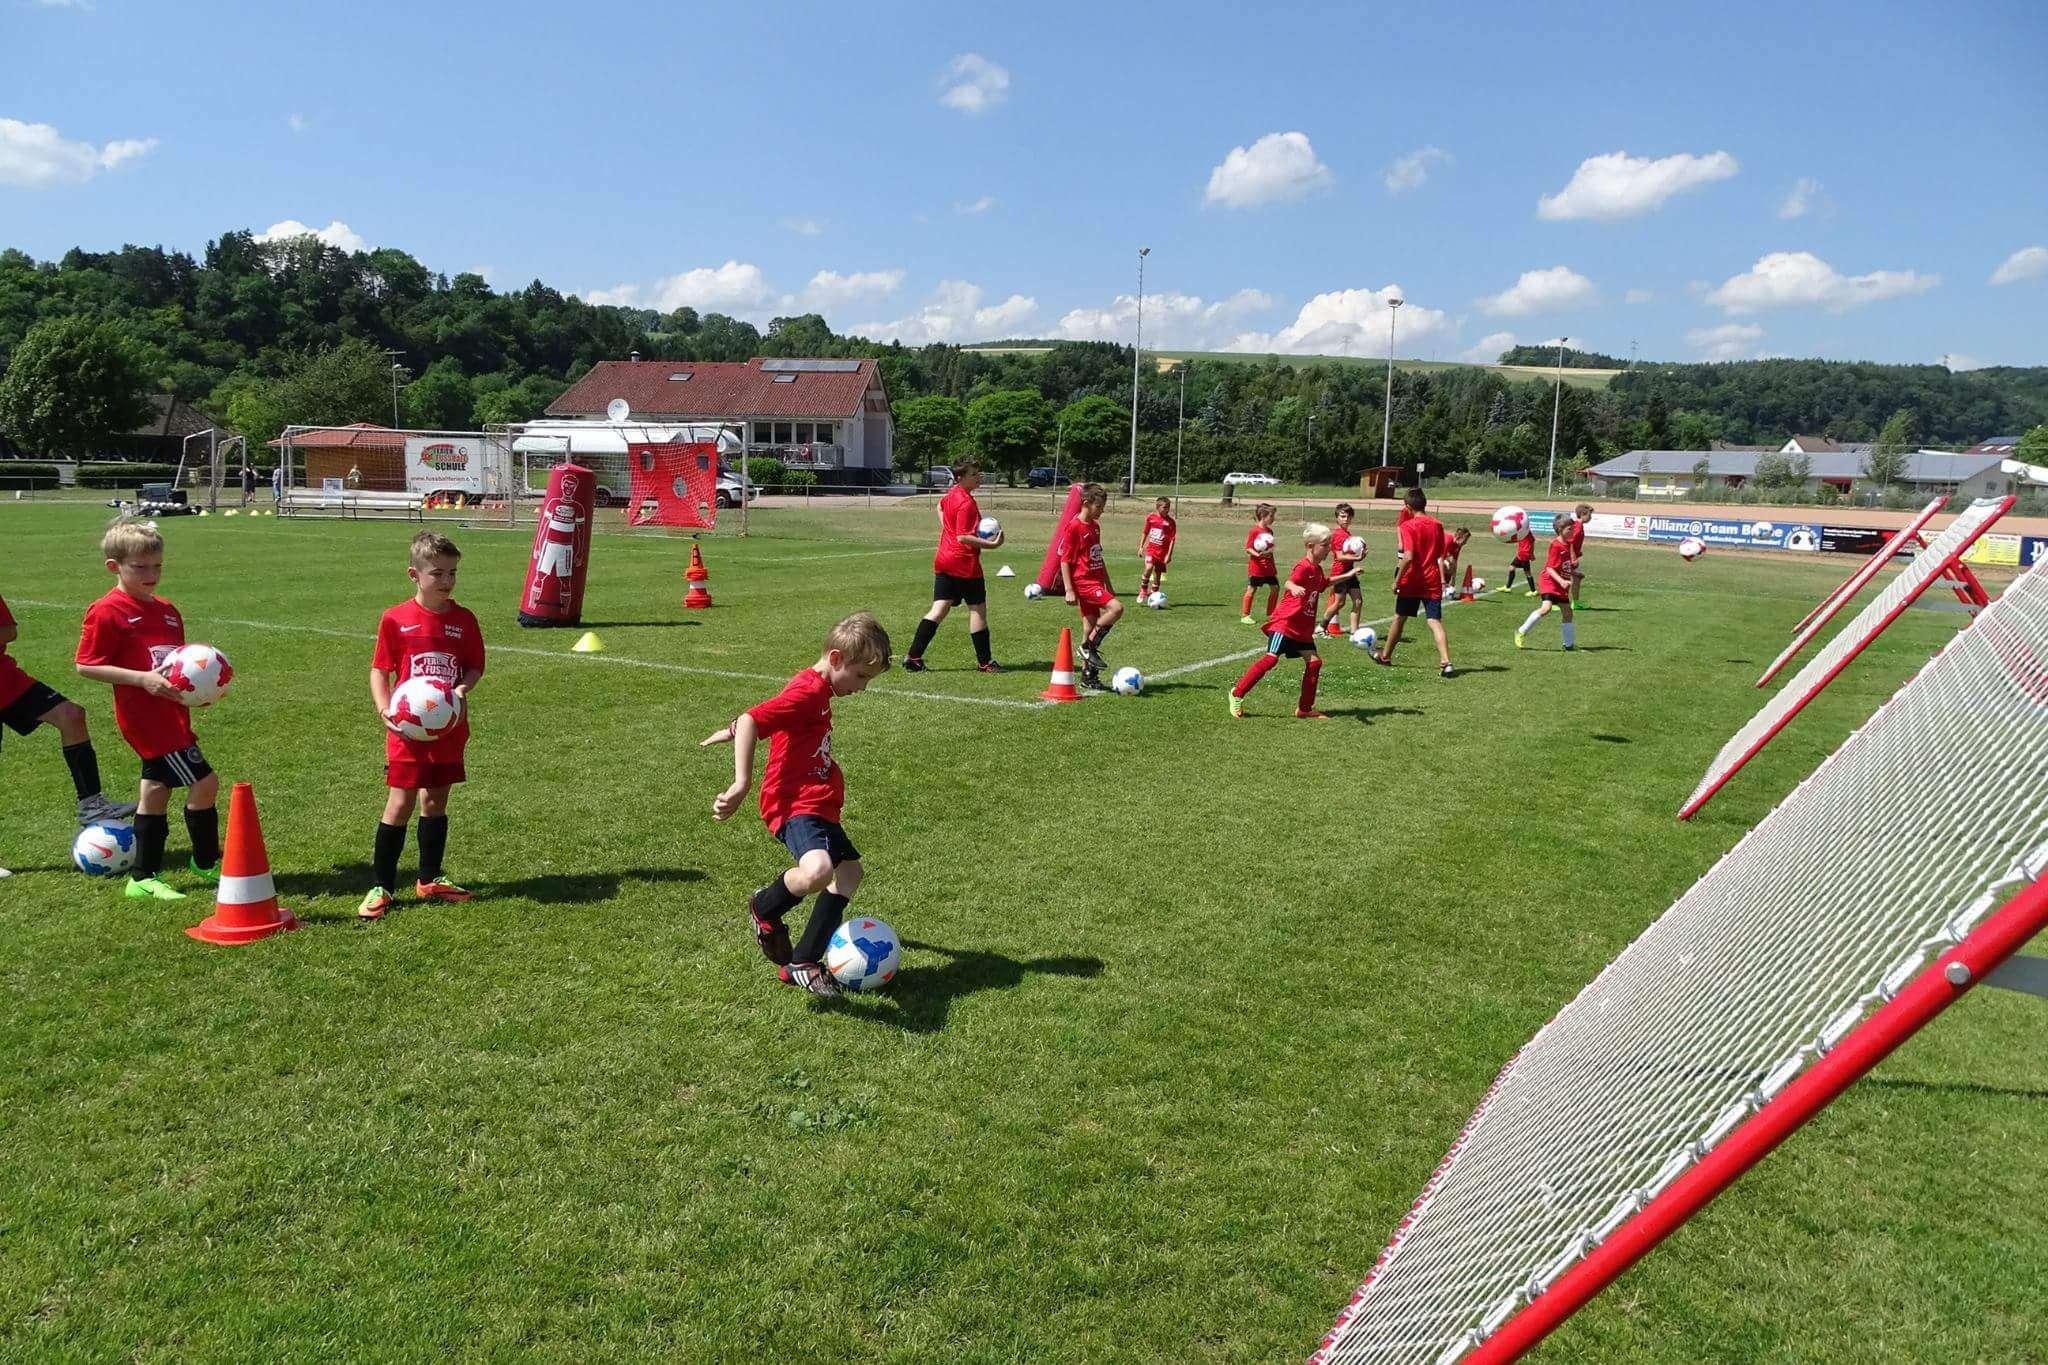 Der TV Oyten plant gemeinsam mit der FFS-Fußballschule ein Fußballcamp in der Stader Straße.